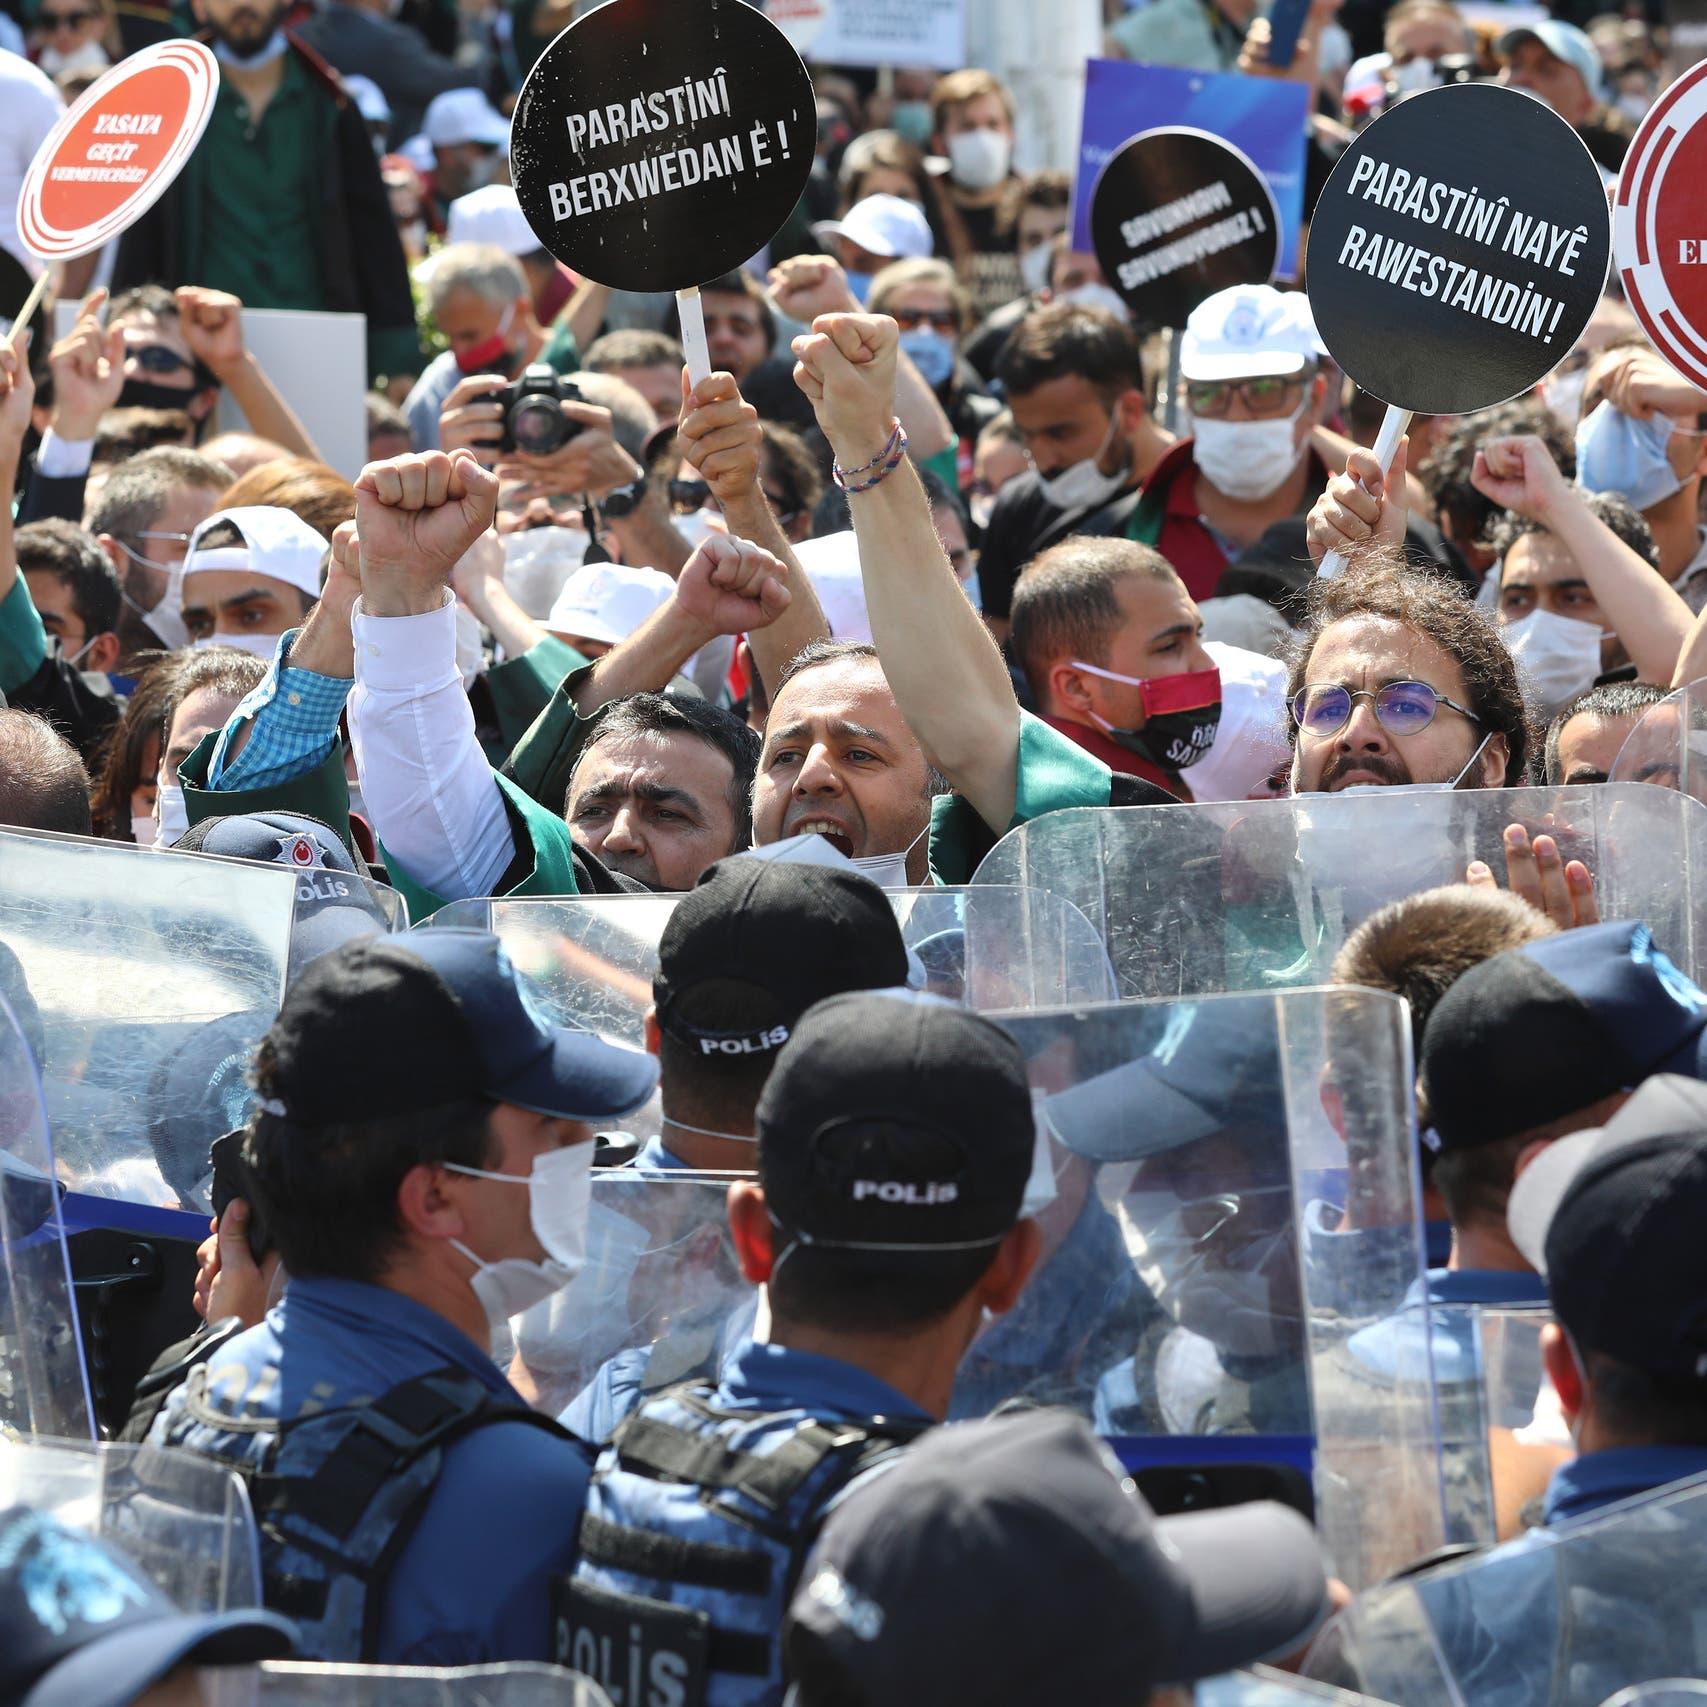 أردوغان يتحدى المحامين مجدداً ويضعهم بقفص الاتهام مع موكليهم